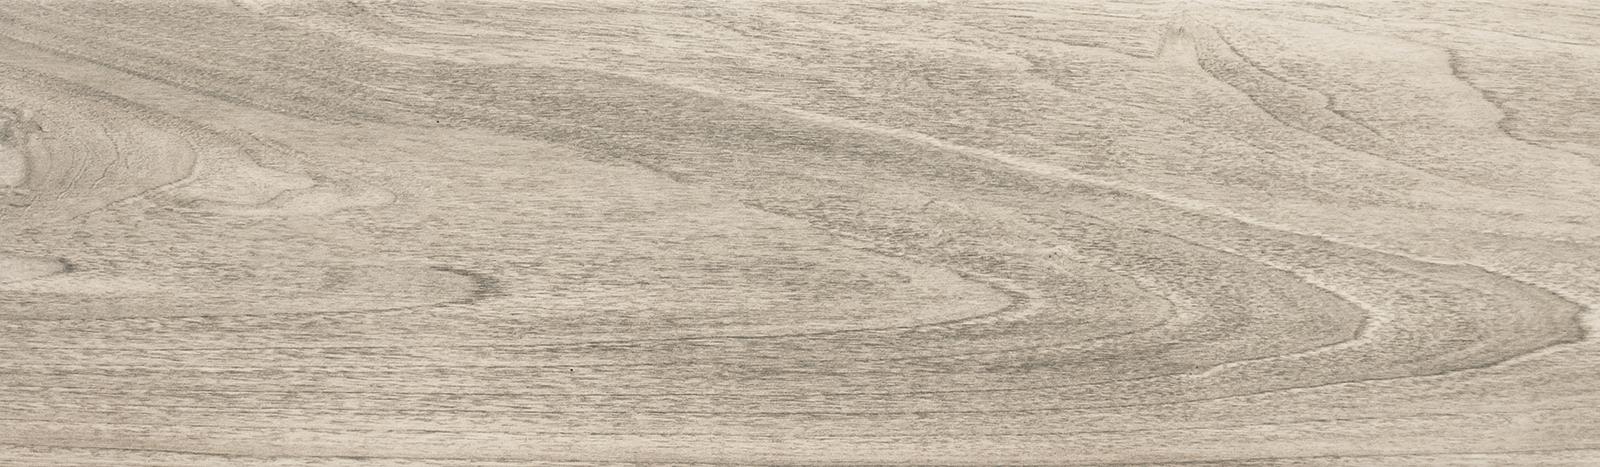 ГРАНИТОГРЕС Lussaca dust 17.5x60